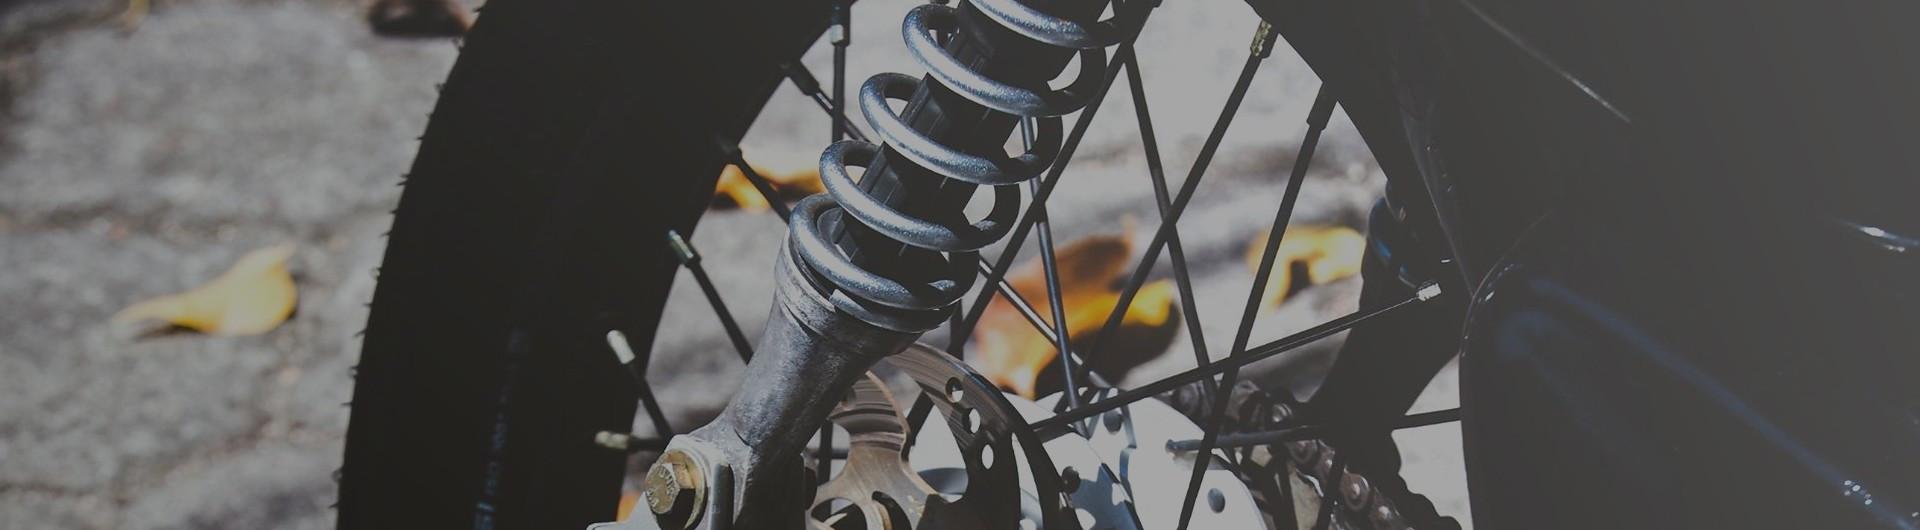 Motoczęści24h - Układ zawieszenia